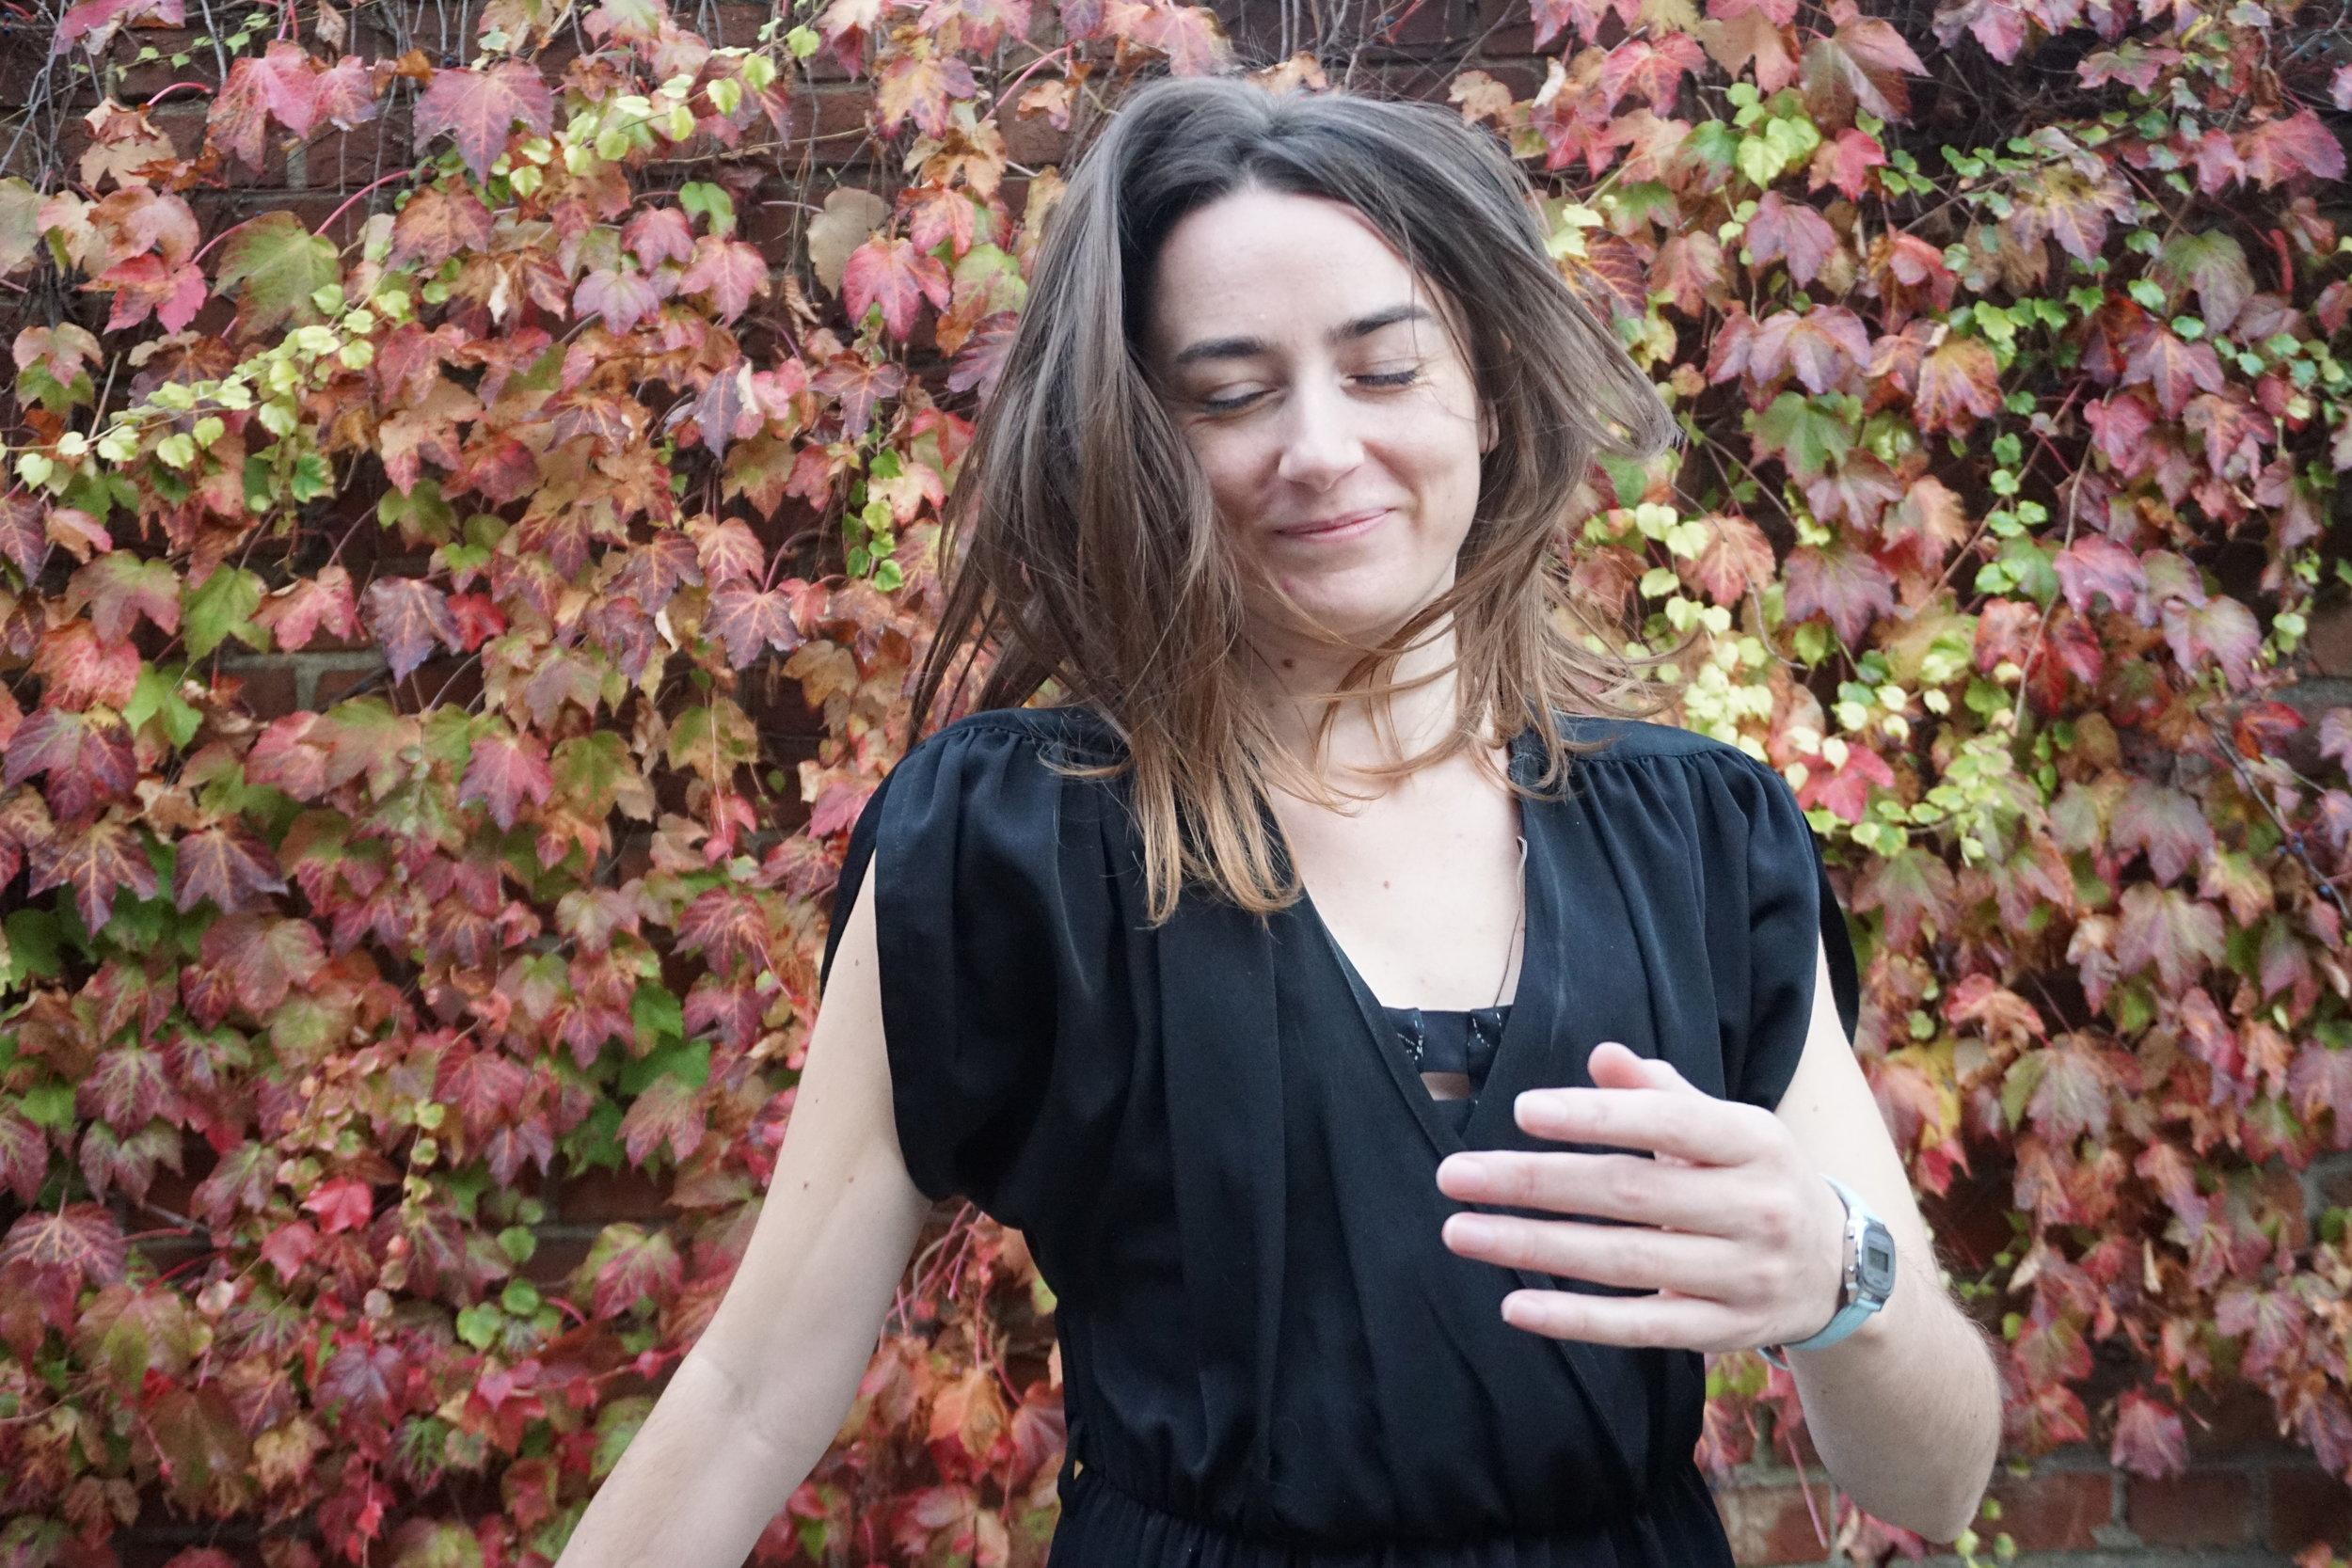 Natalie Owen